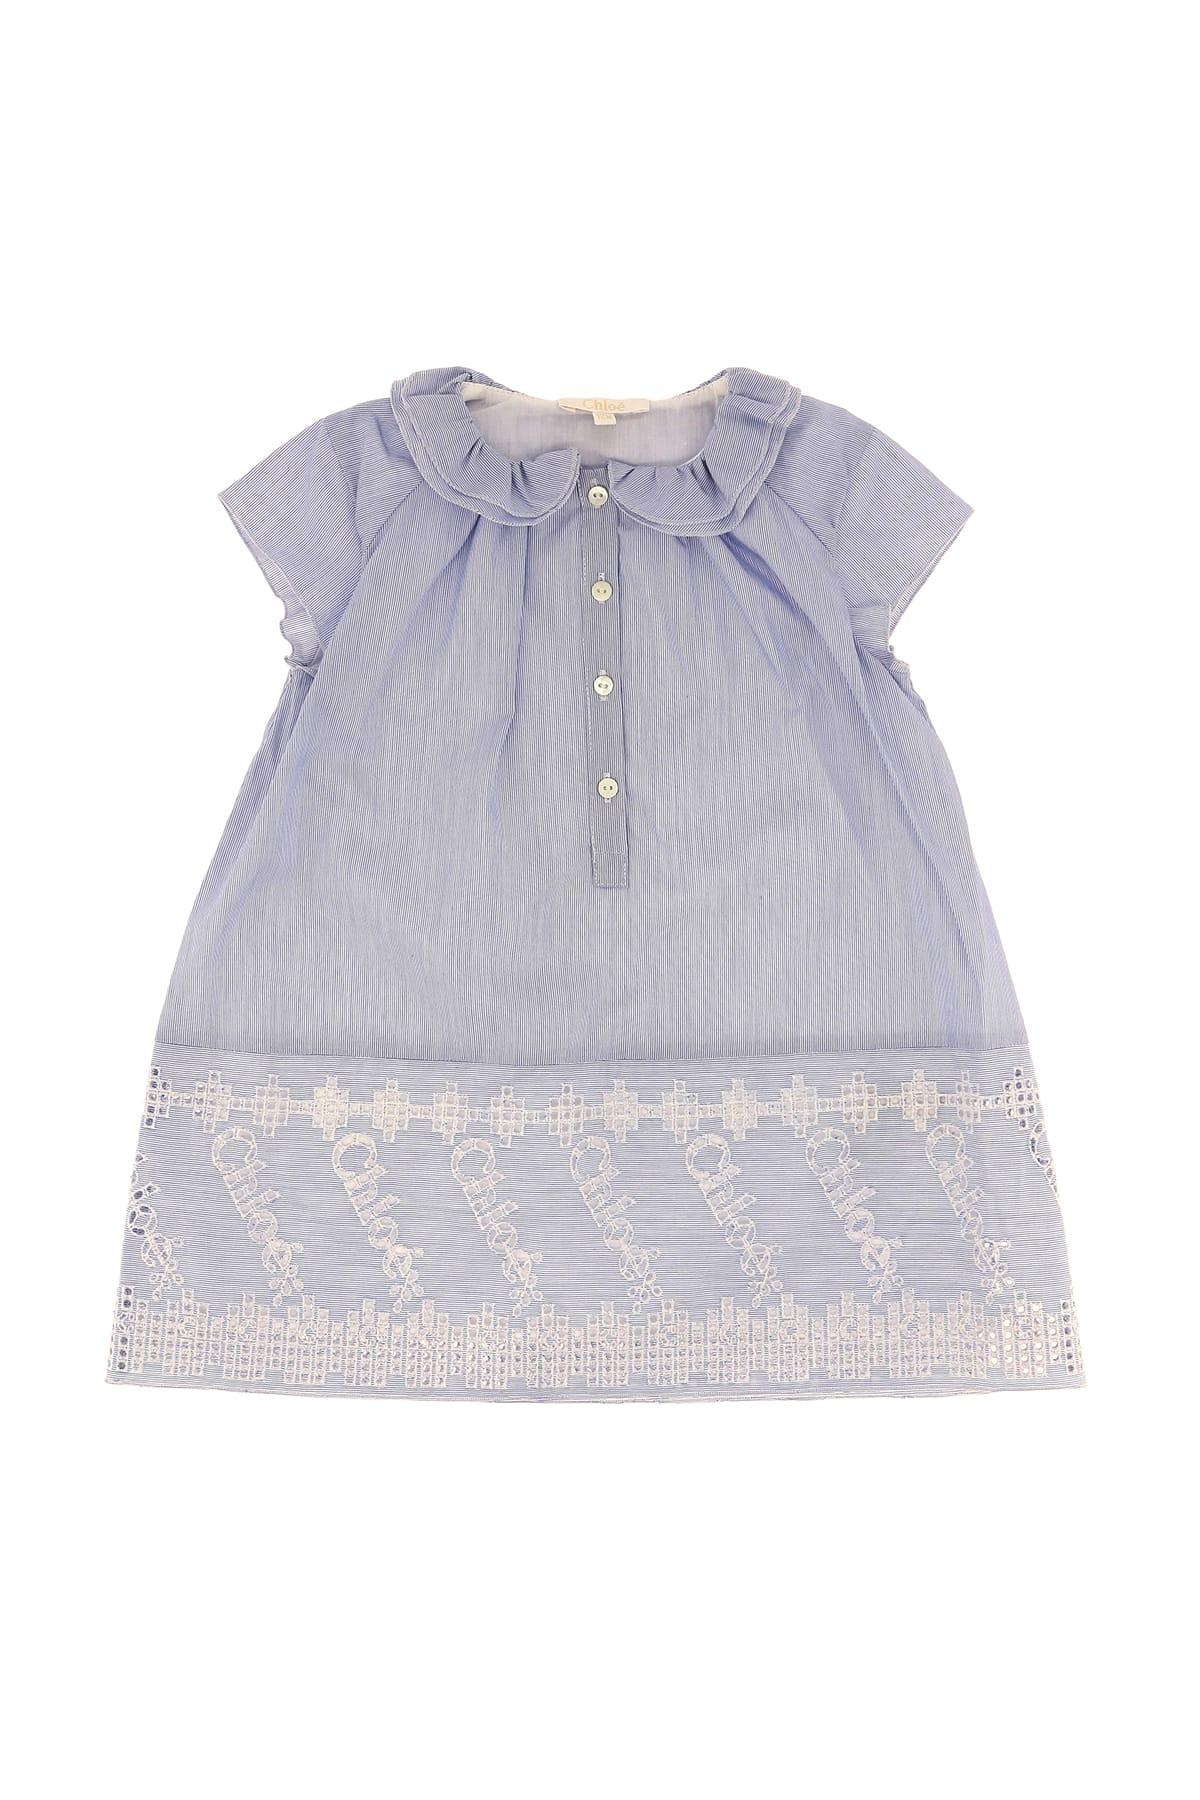 Chloé BRODERIE ANGLAISE DRESS